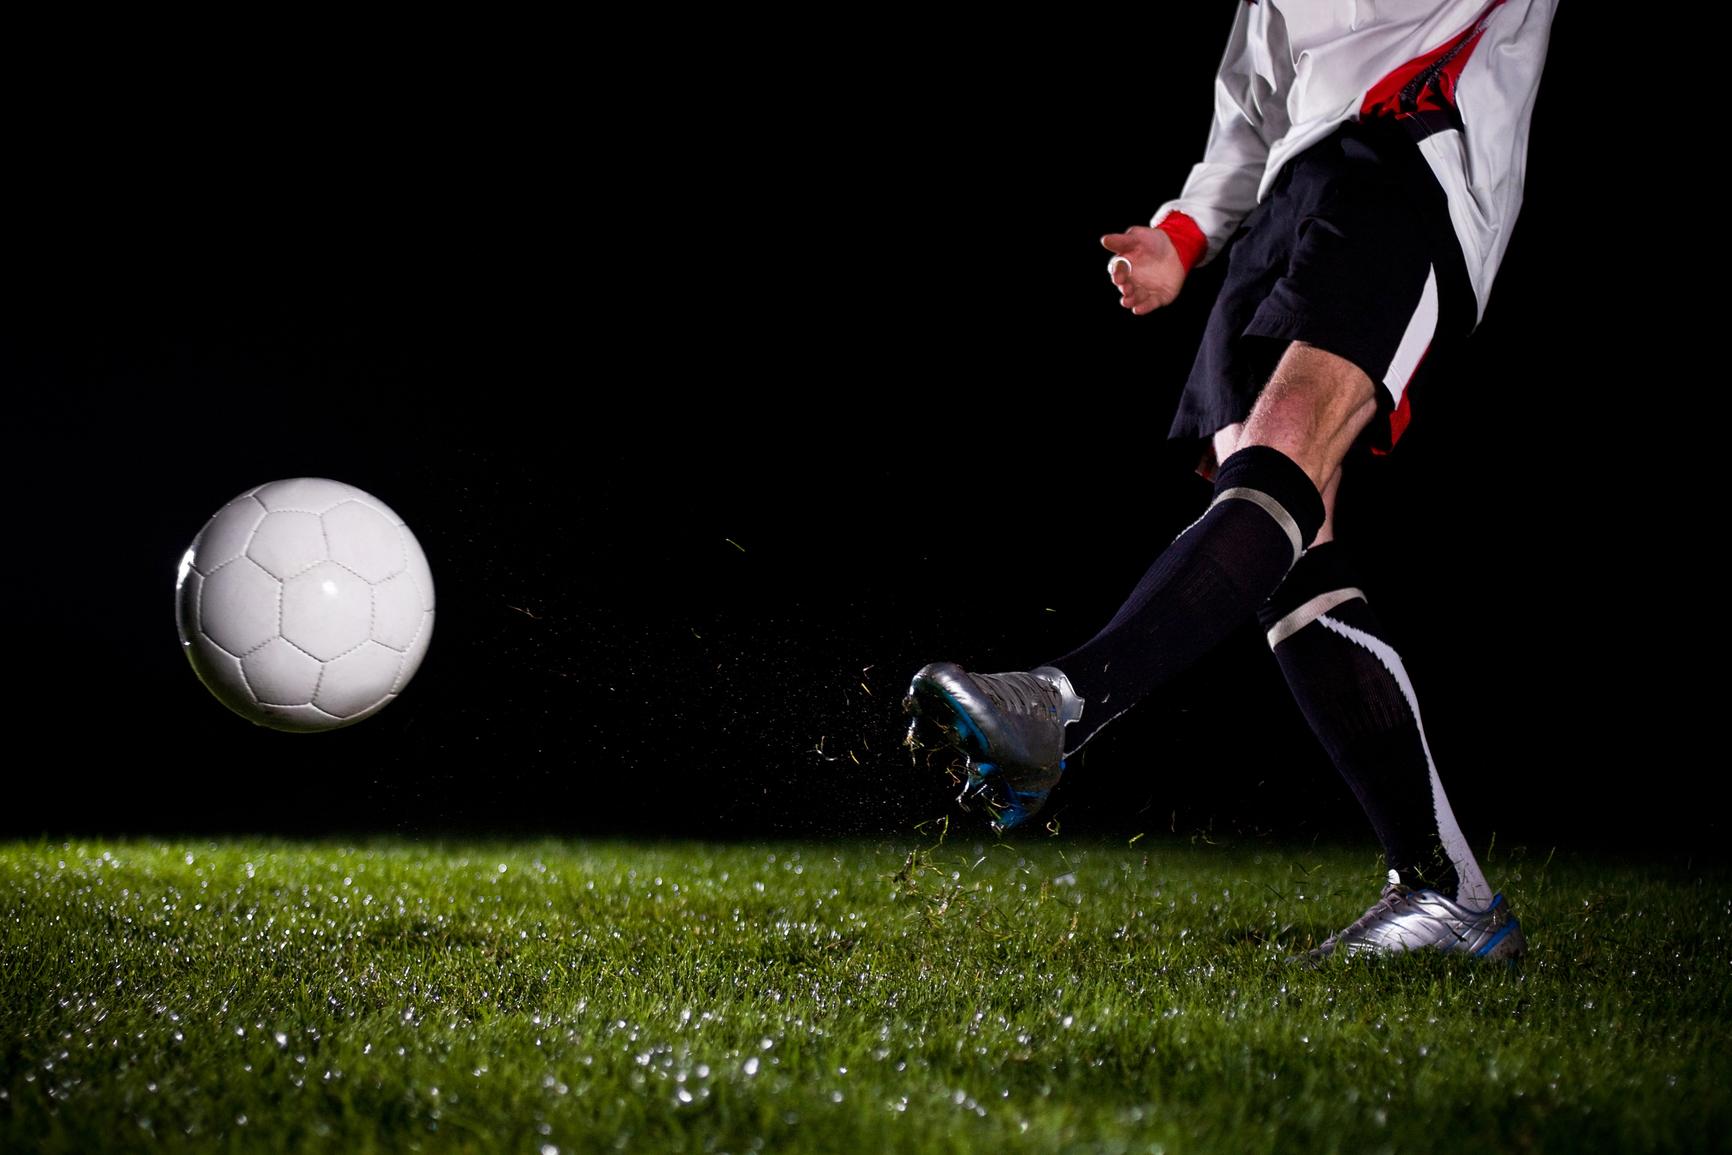 soccer in the dark